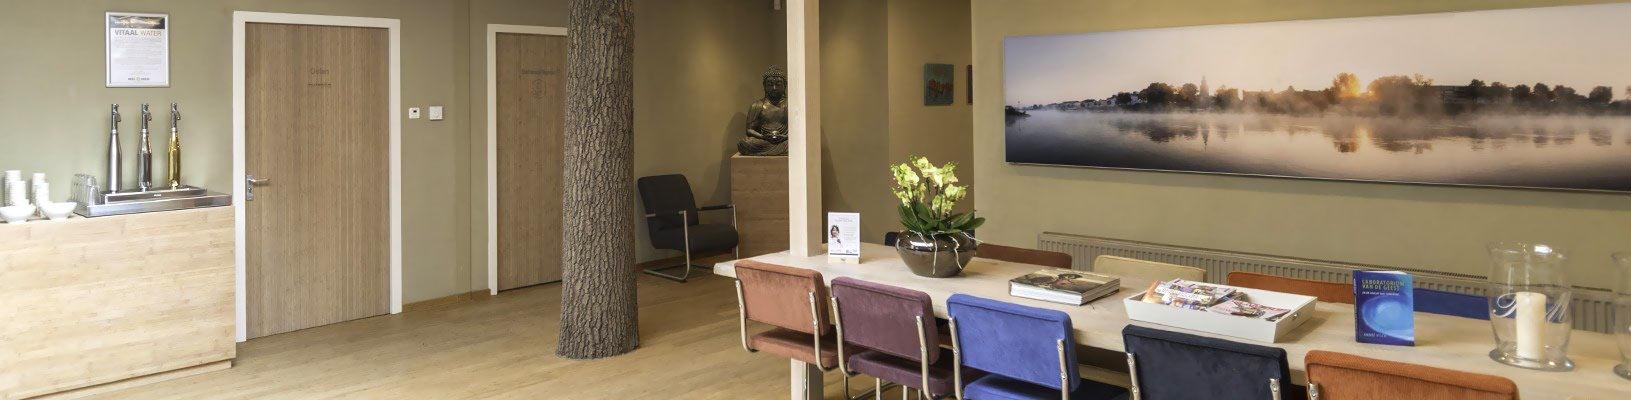 Ergotherapie HeelHuus Gezondheidscentrum Warnsveld Zutphen